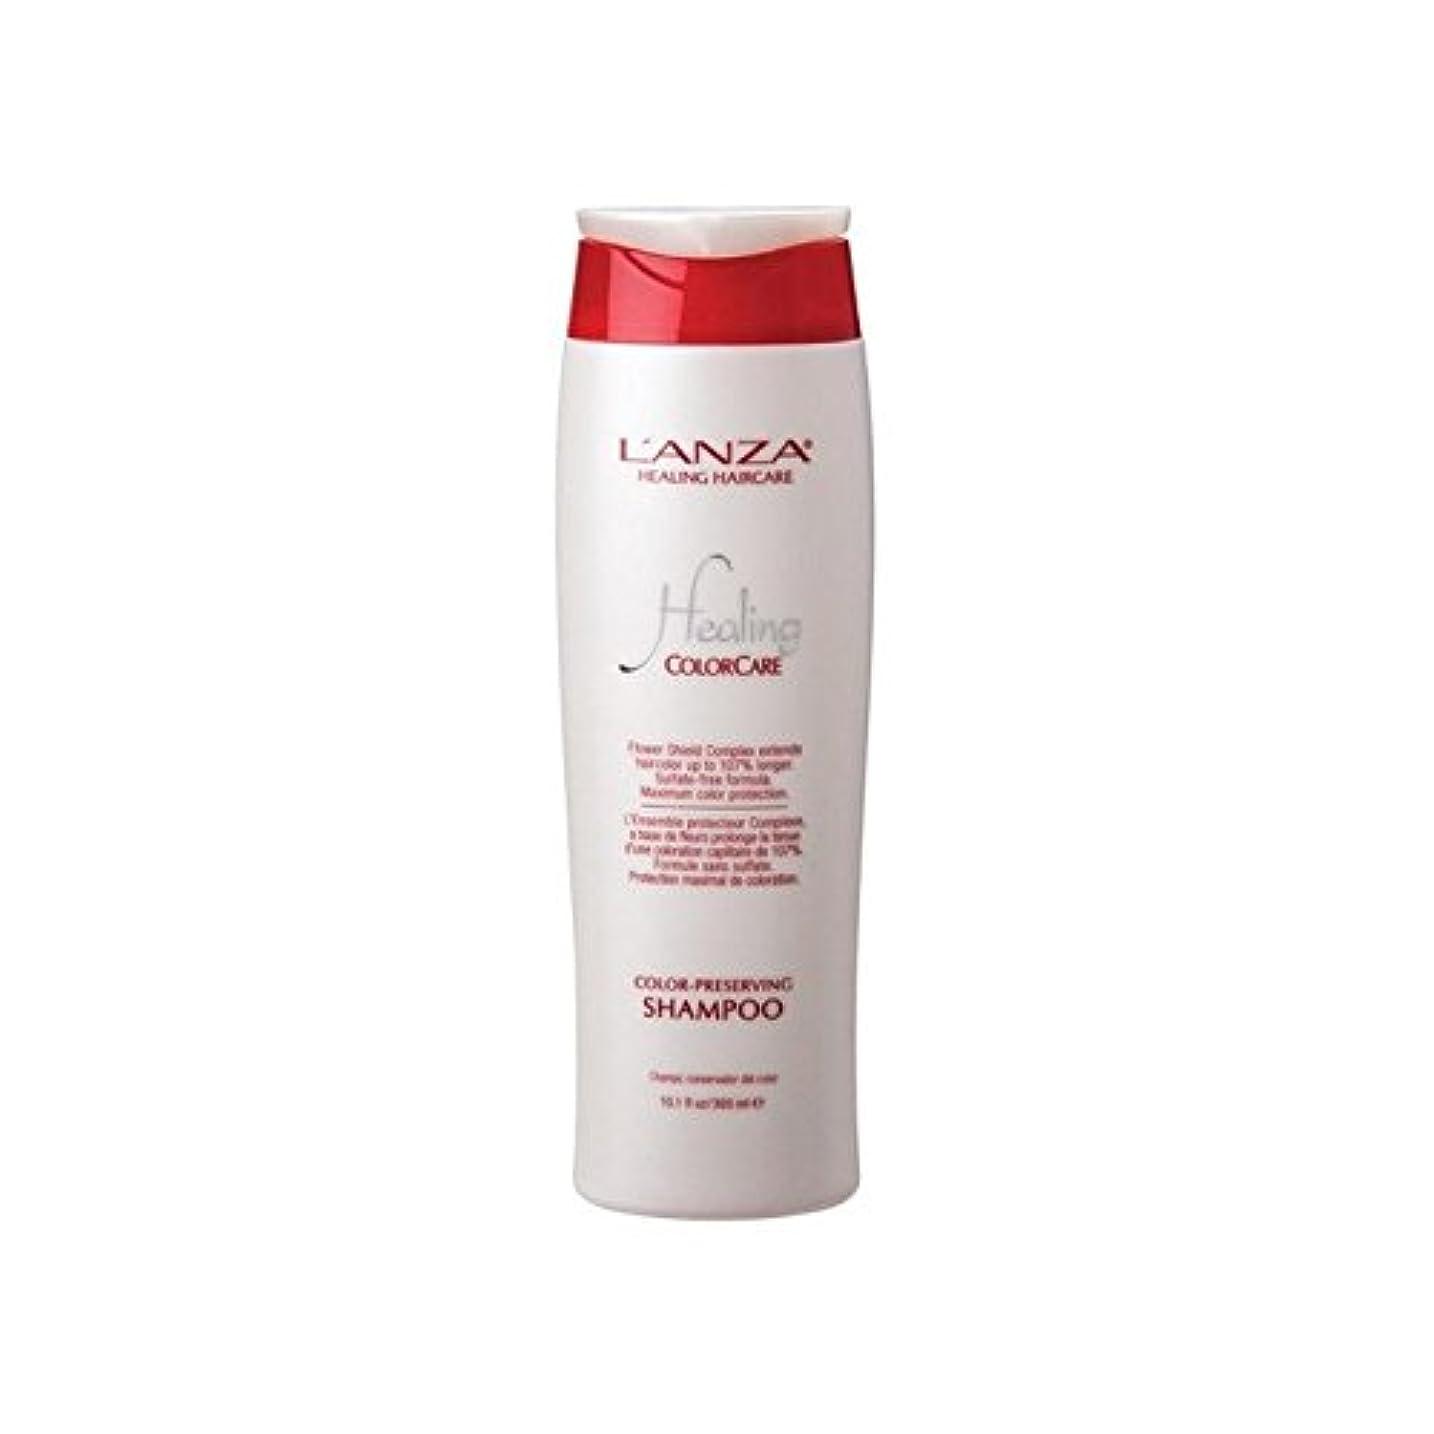 アンザ癒しカラーシャンプーを保存(300ミリリットル) x2 - L'Anza Healing Colorcare Colour Preserving Shampoo (300ml) (Pack of 2) [並行輸入品]